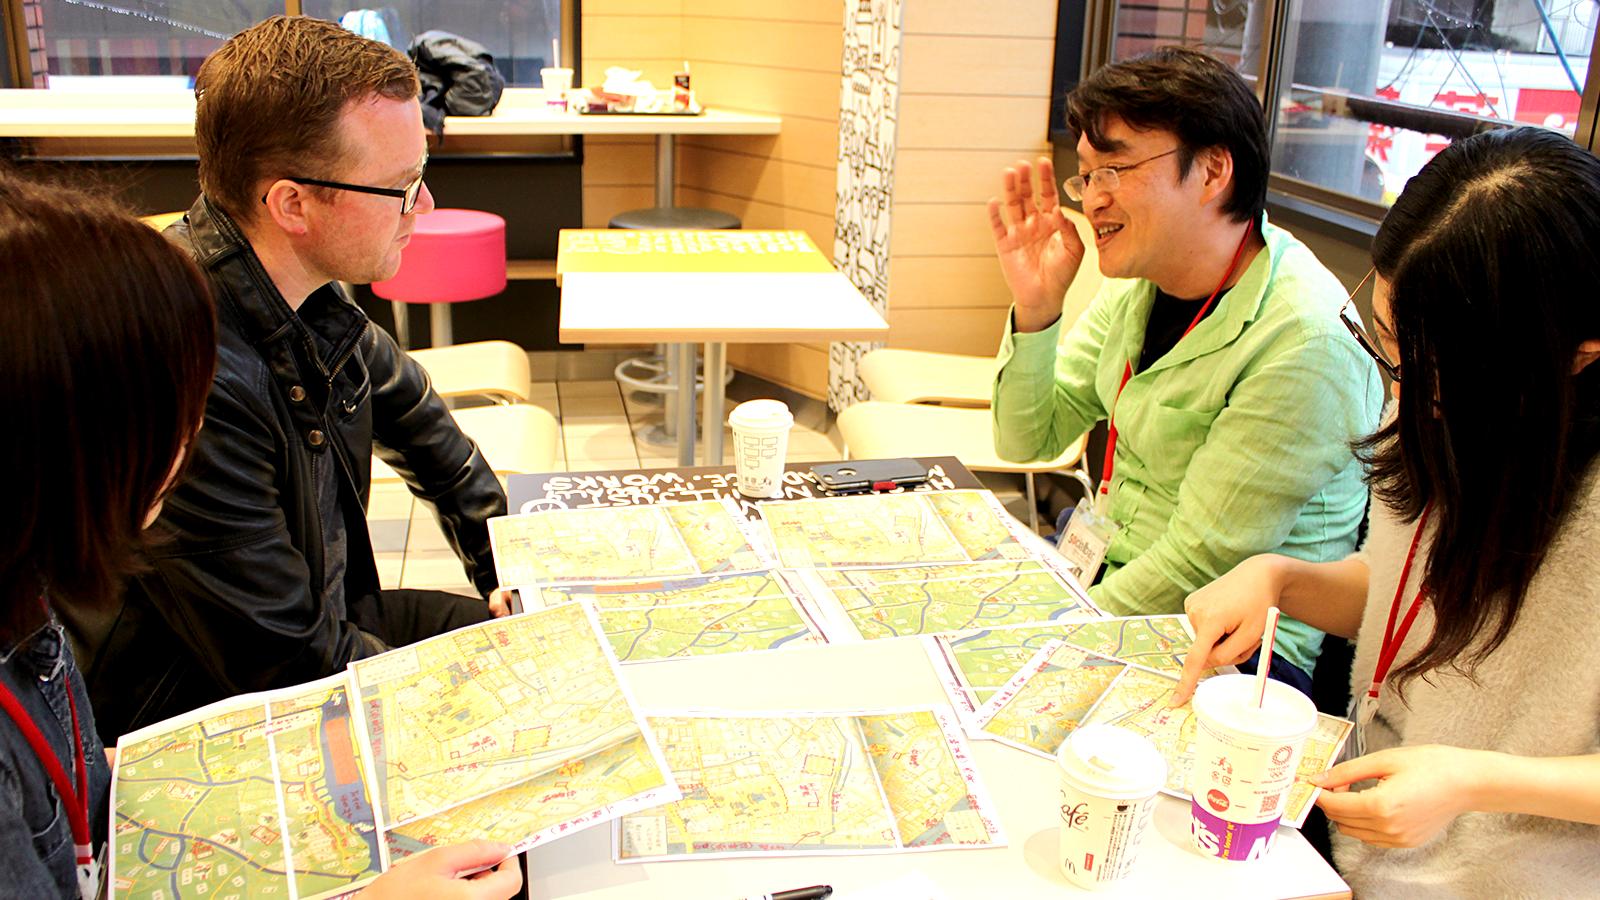 江戸の古地図でミーティング